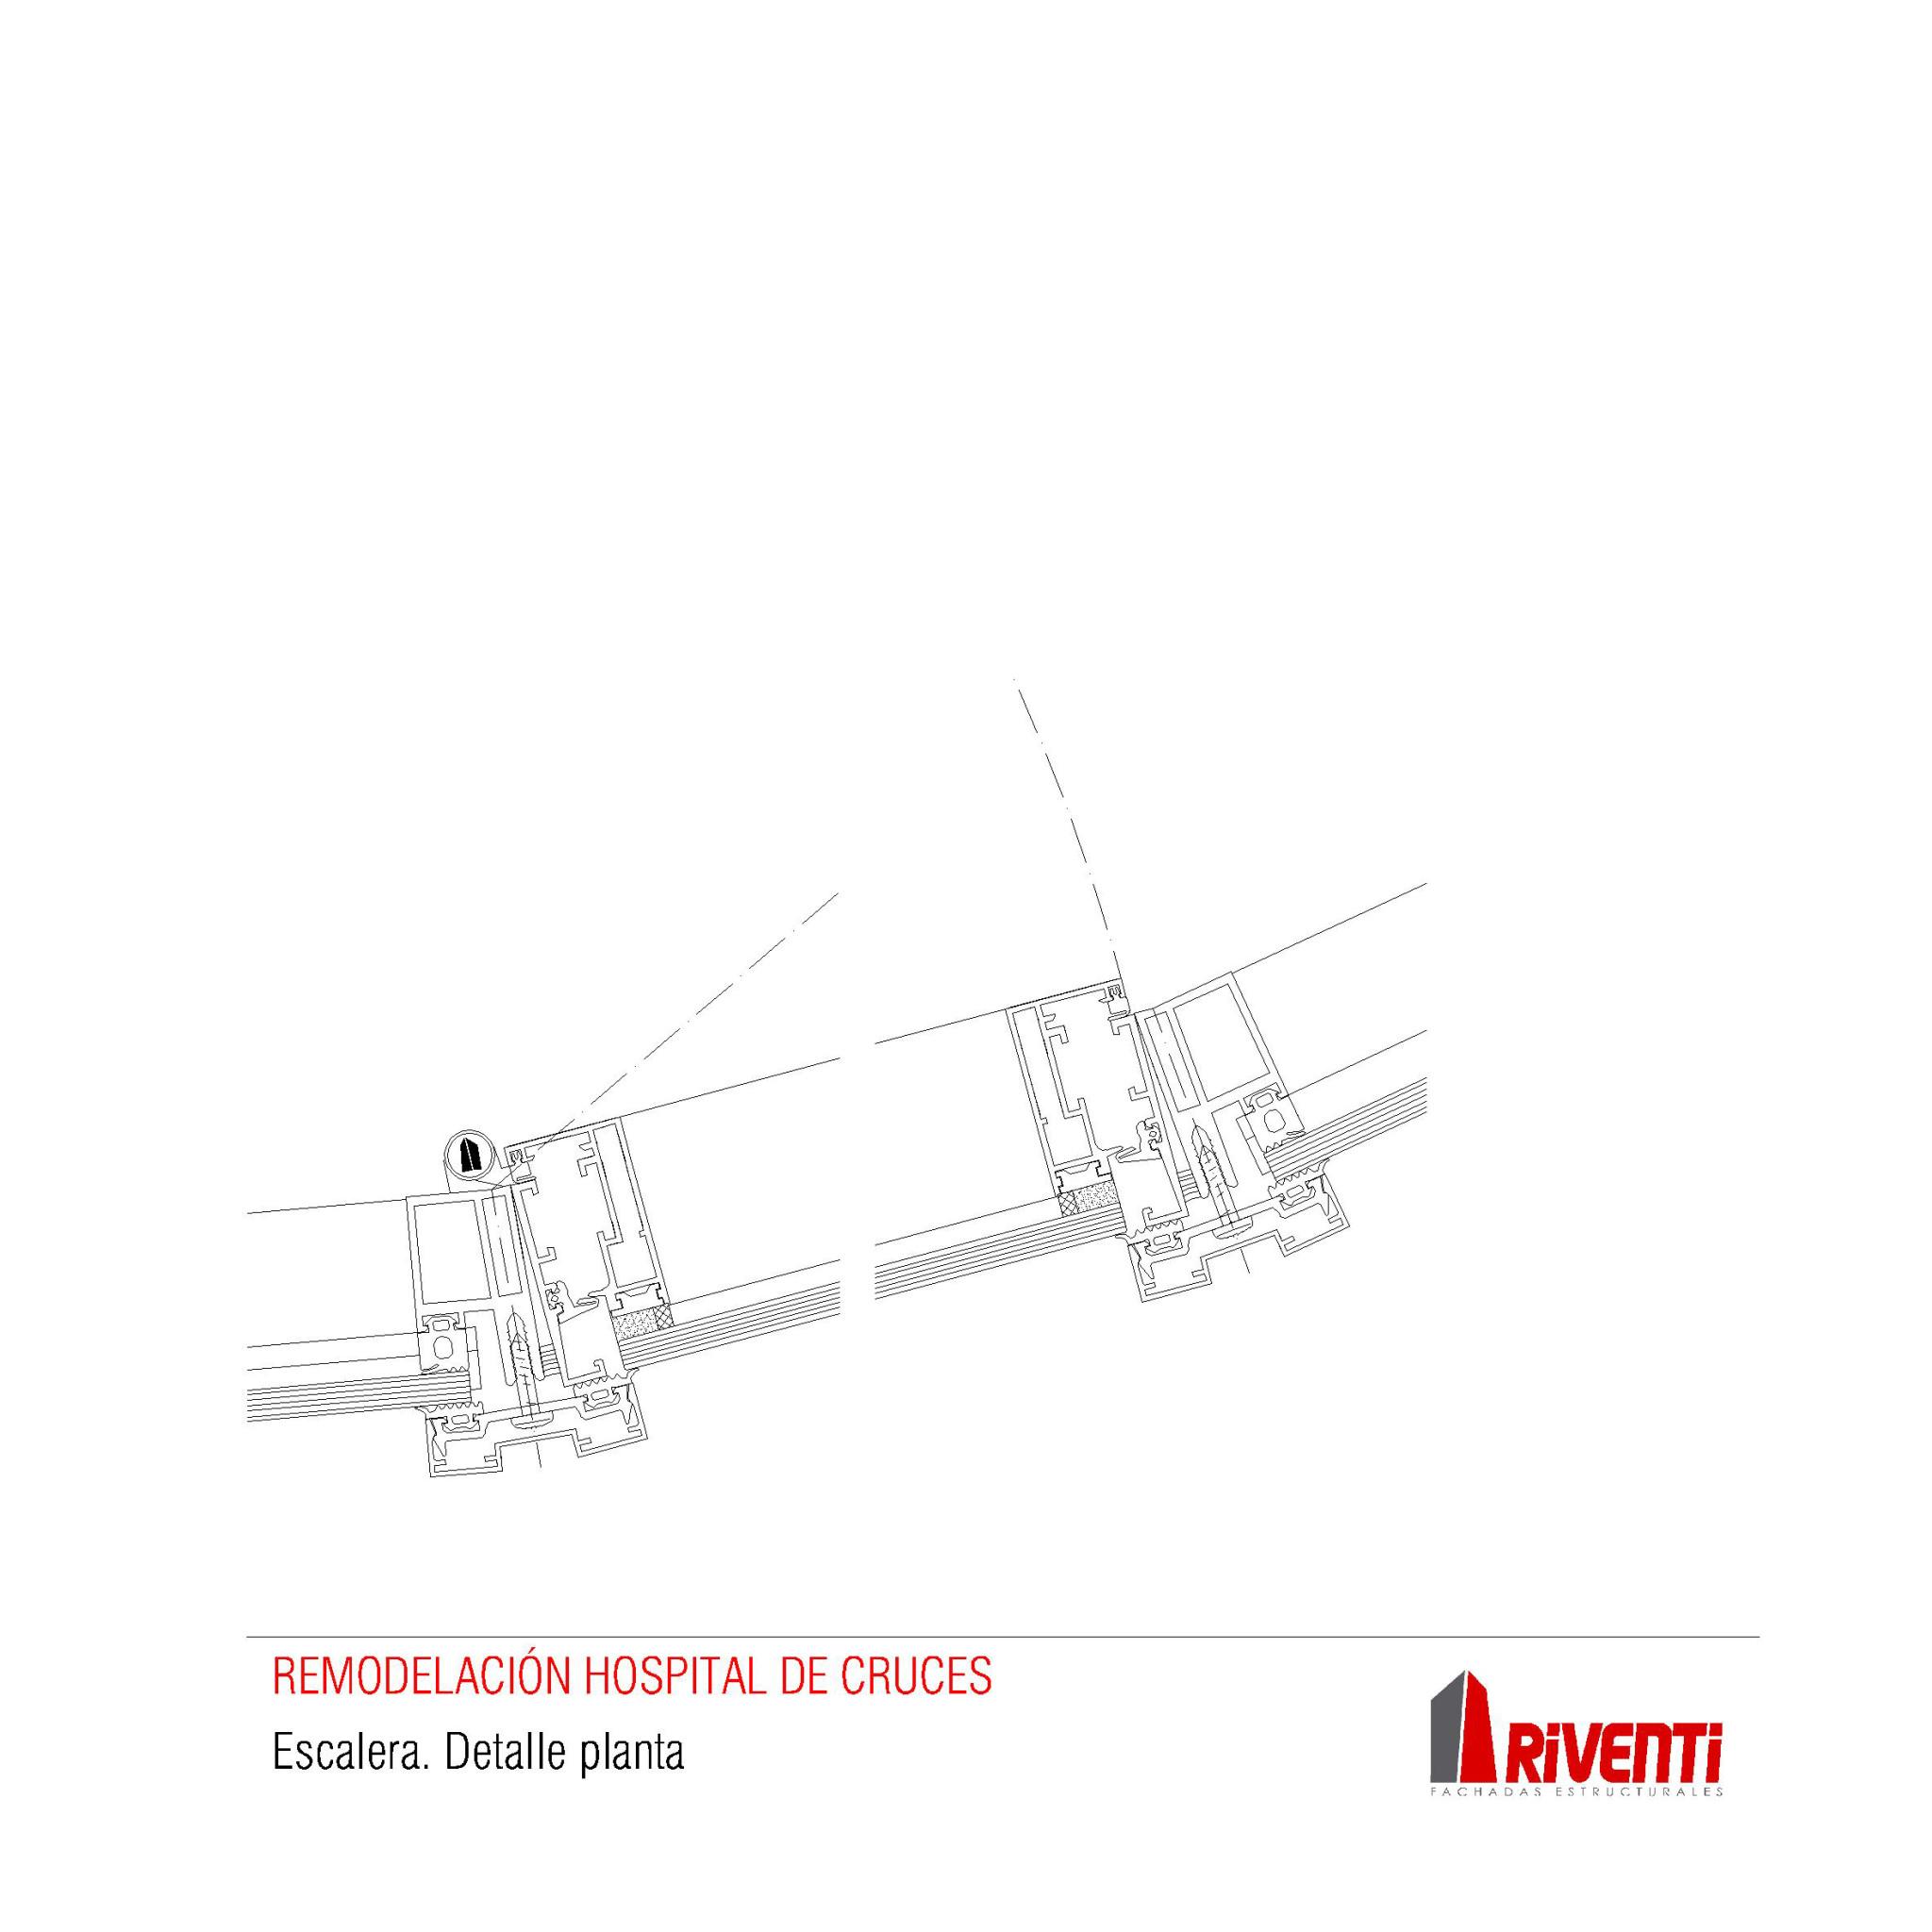 Muro-cortina-remodelacion-escalera-hospital-cruces-riventi_detalle-constructivo